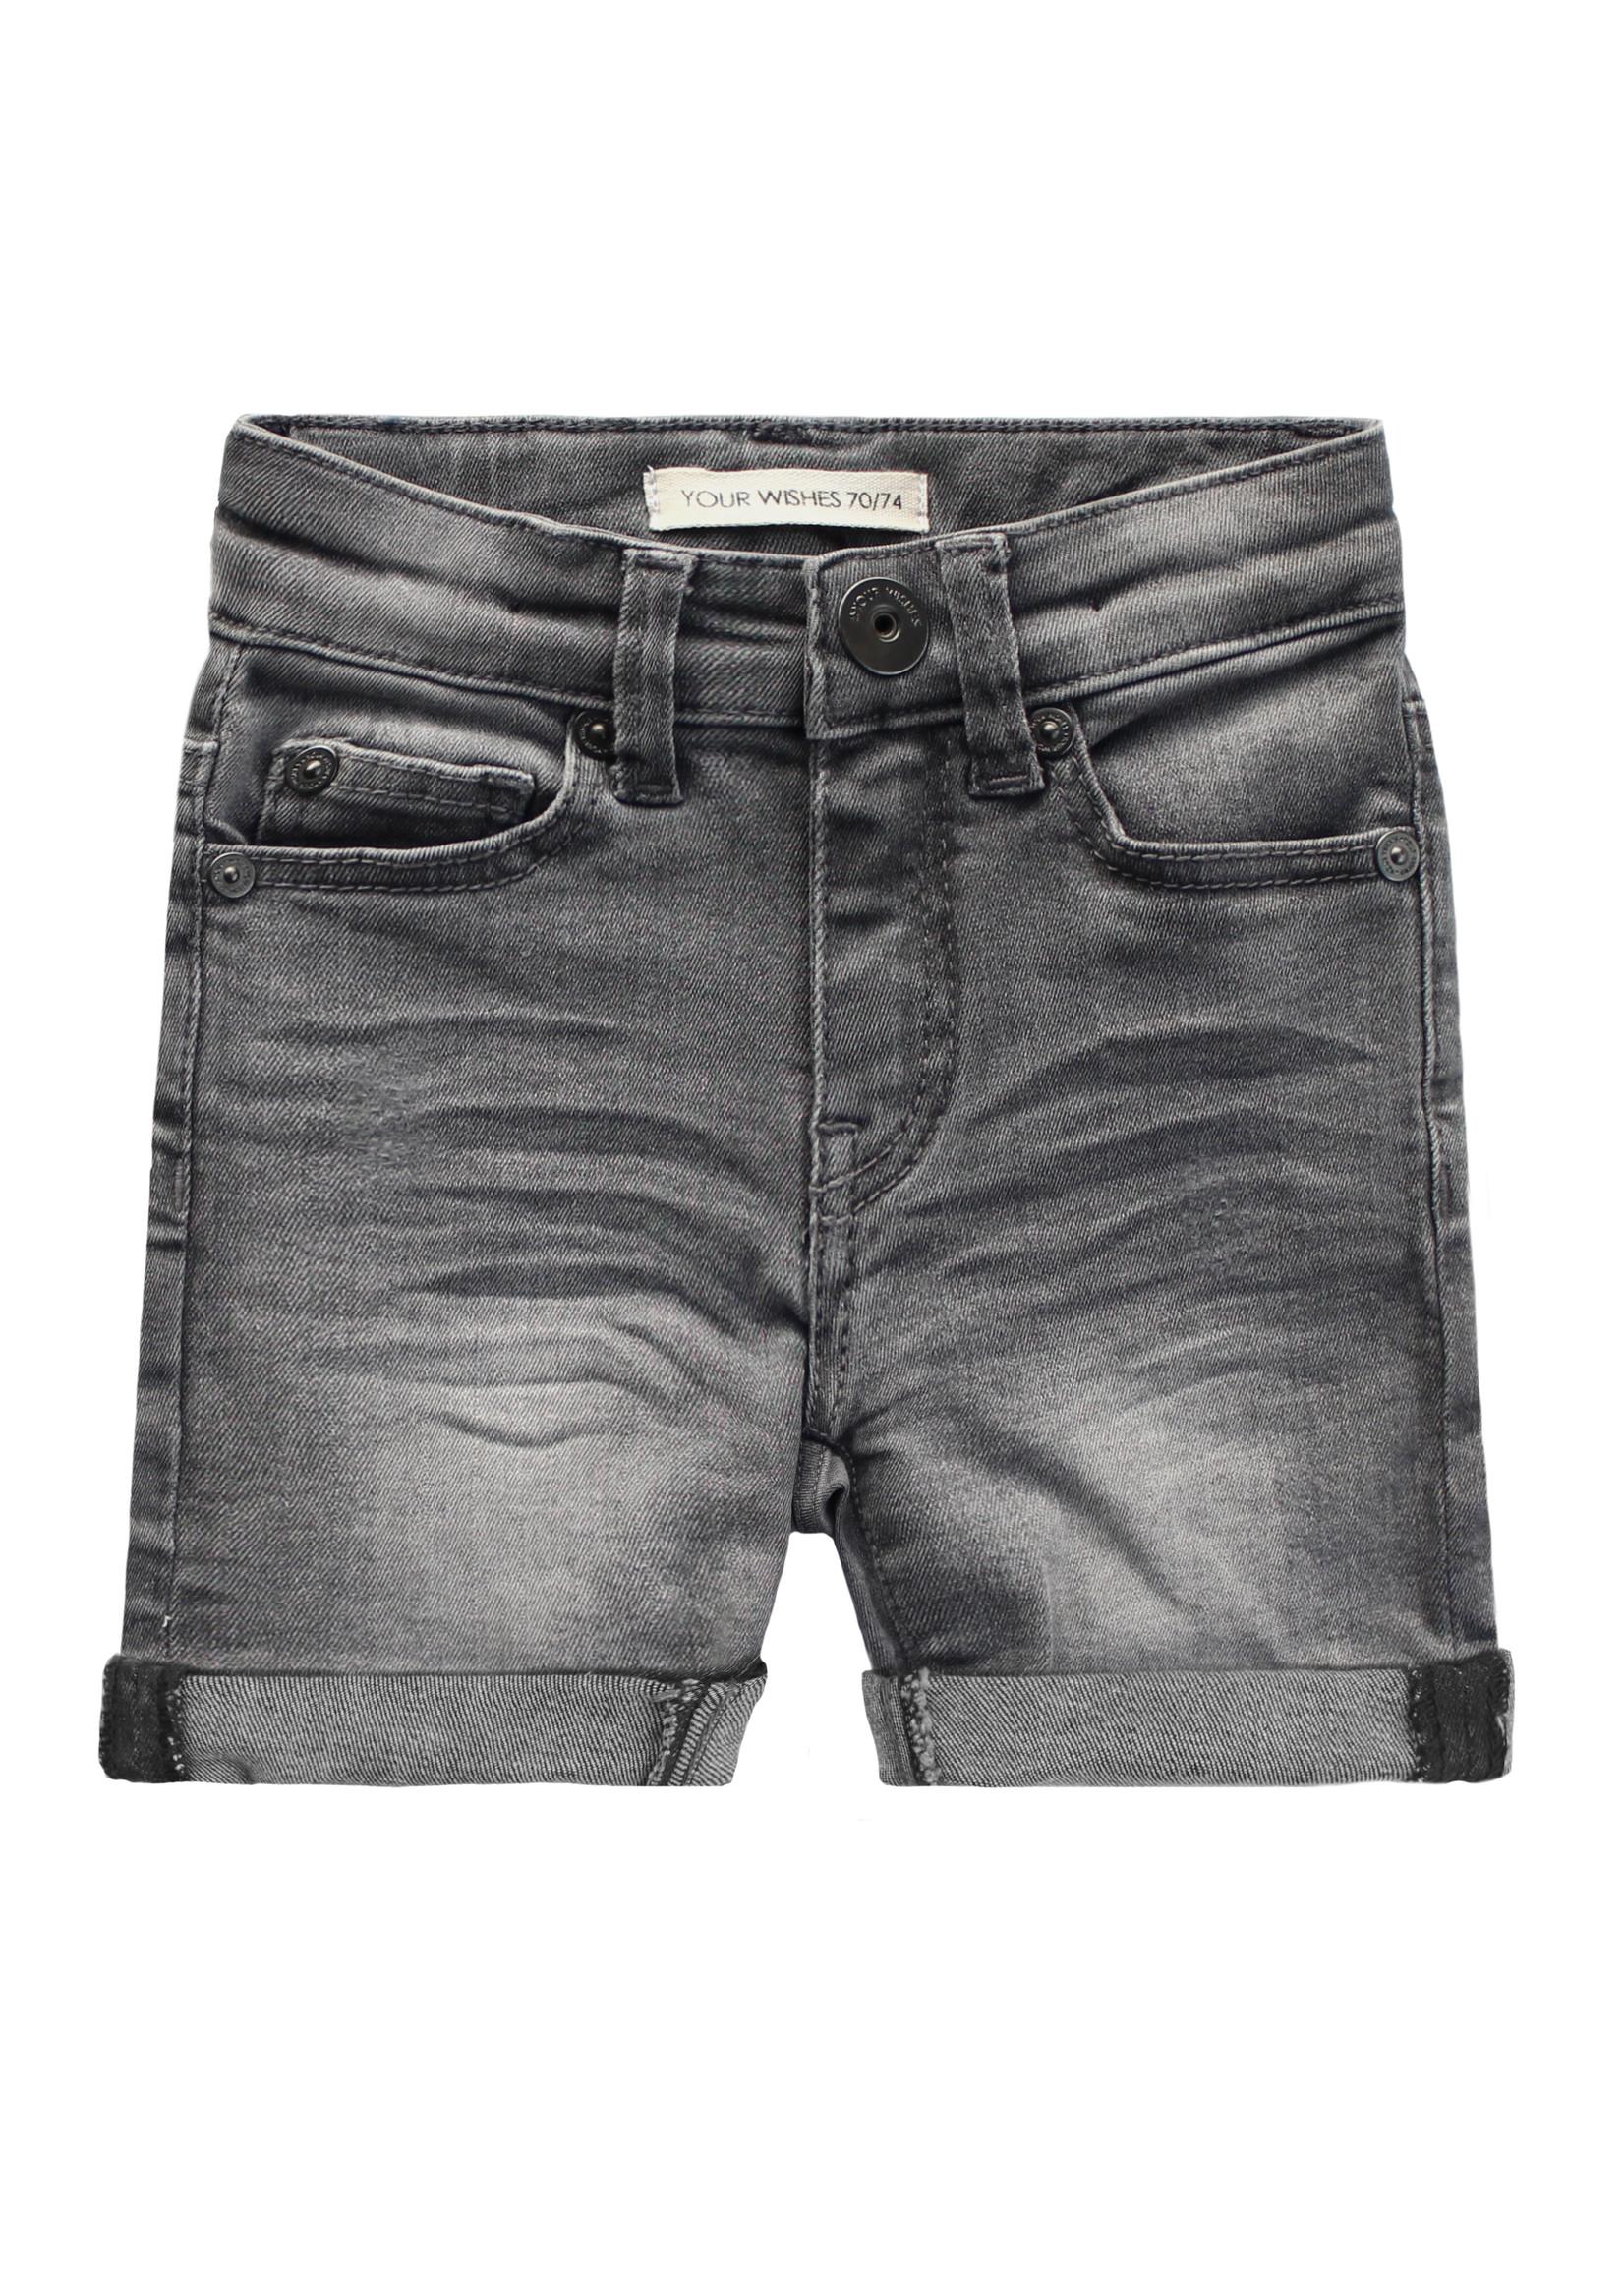 Your Wishes YW - Denim   Shorts Denim Grey